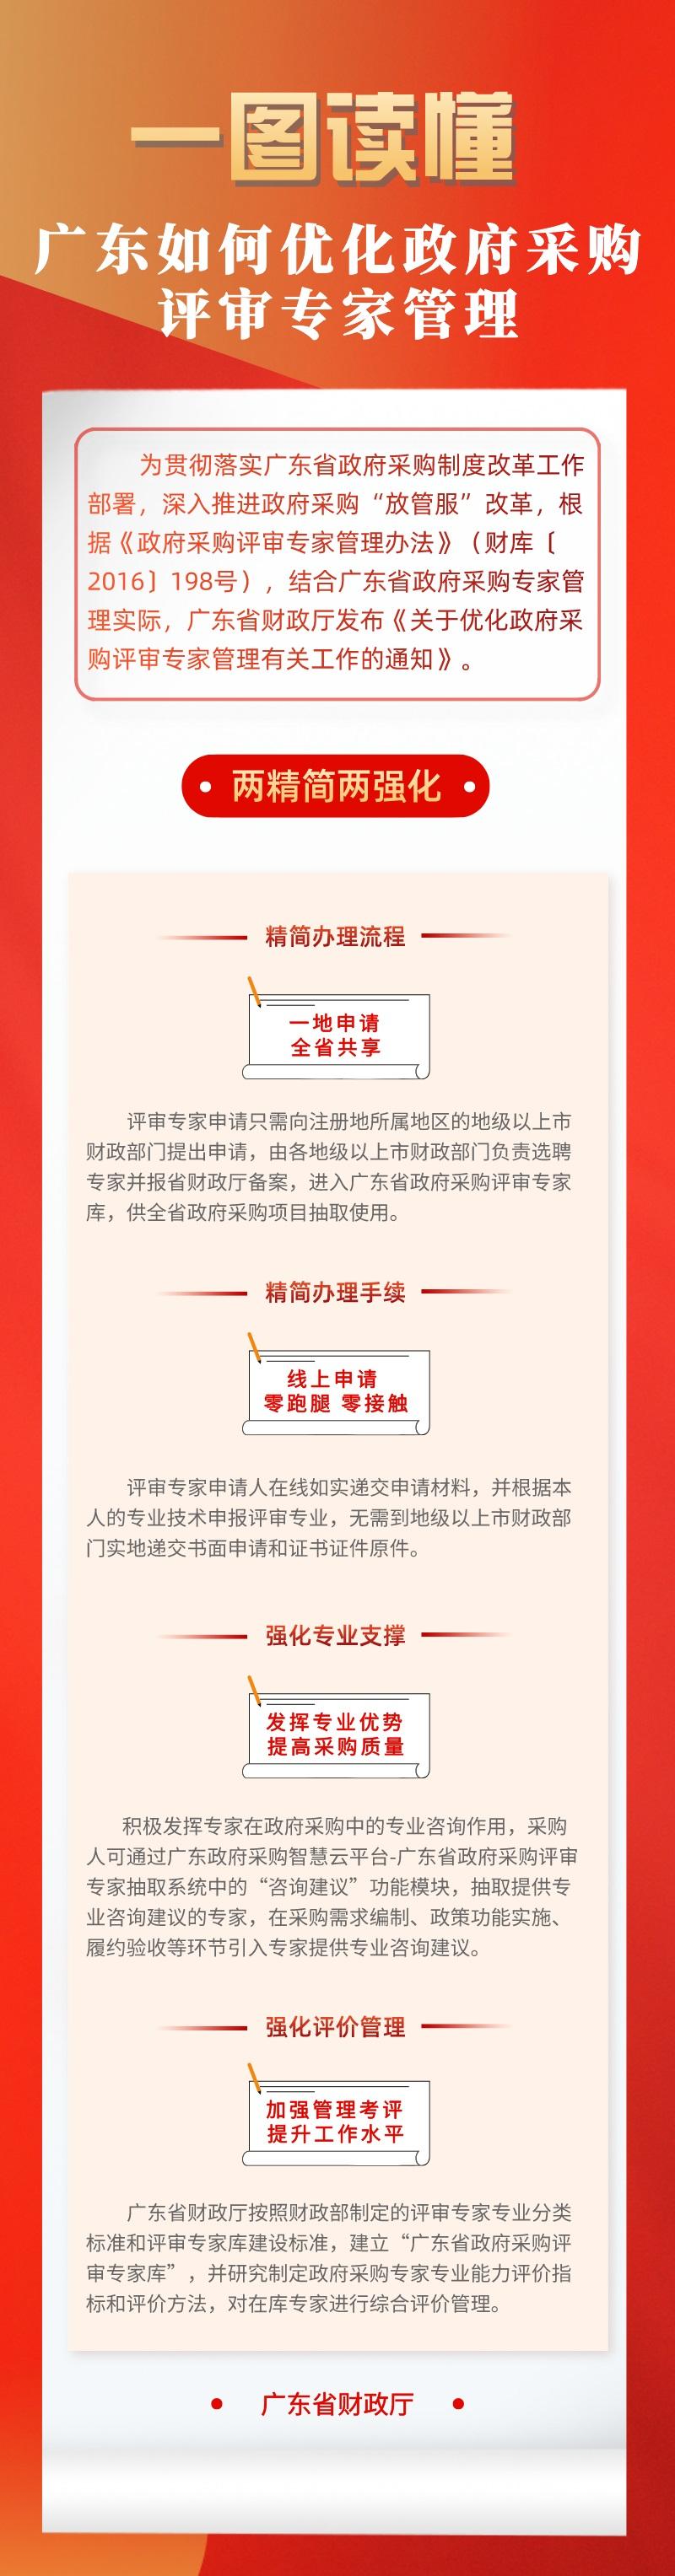 """一图读懂""""广东如何优化政府采购评审专家管理"""".jpg"""